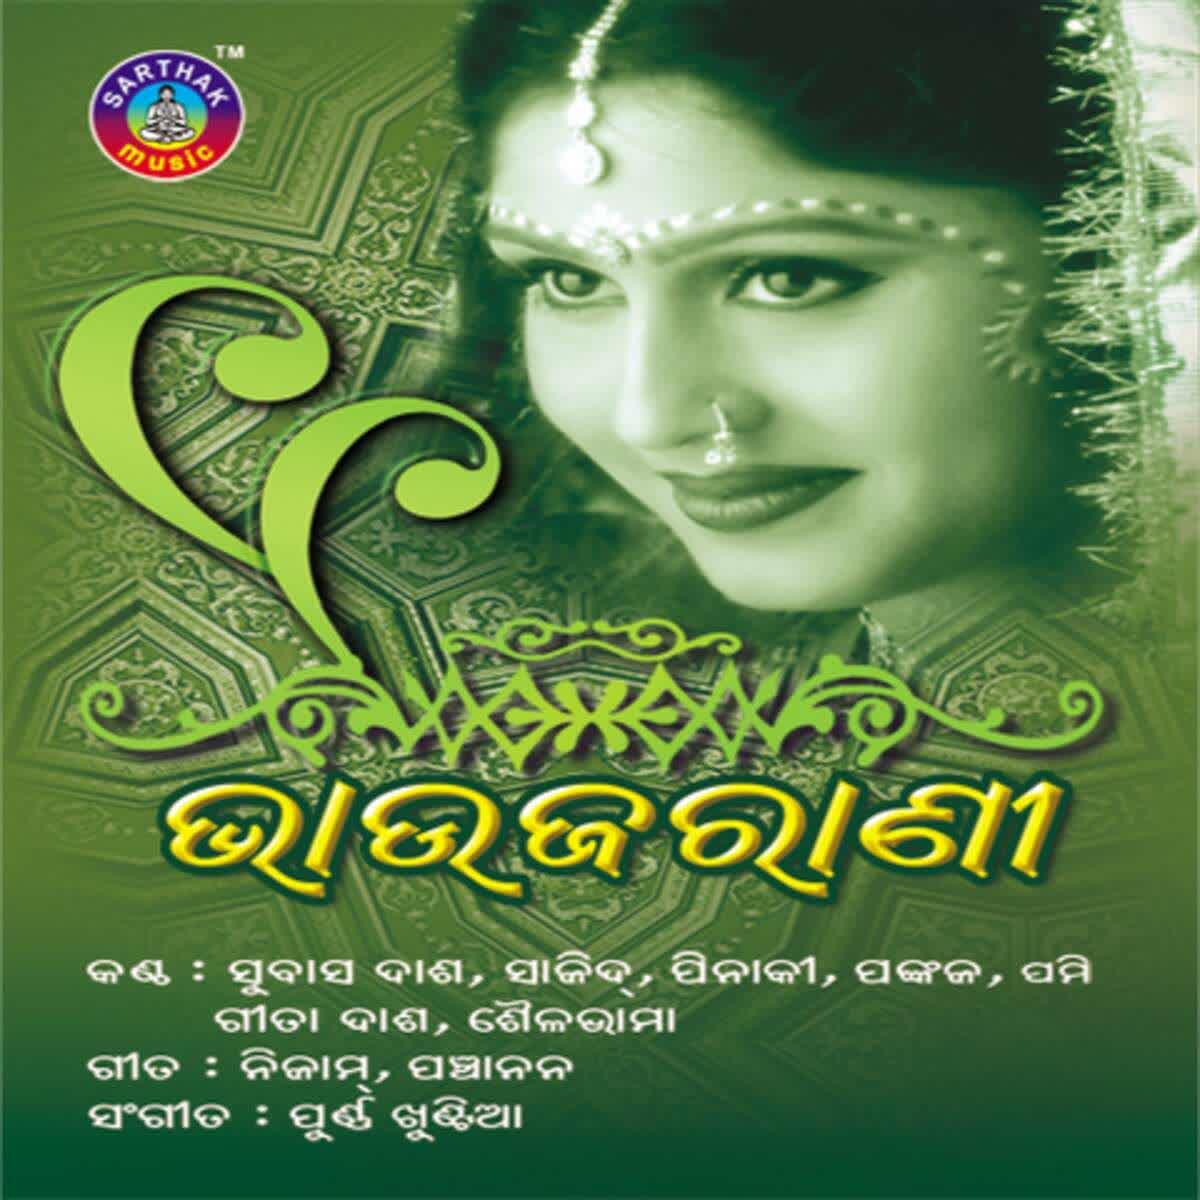 Bhauja Rani Bhari Sundari Tama Sana Bhauni